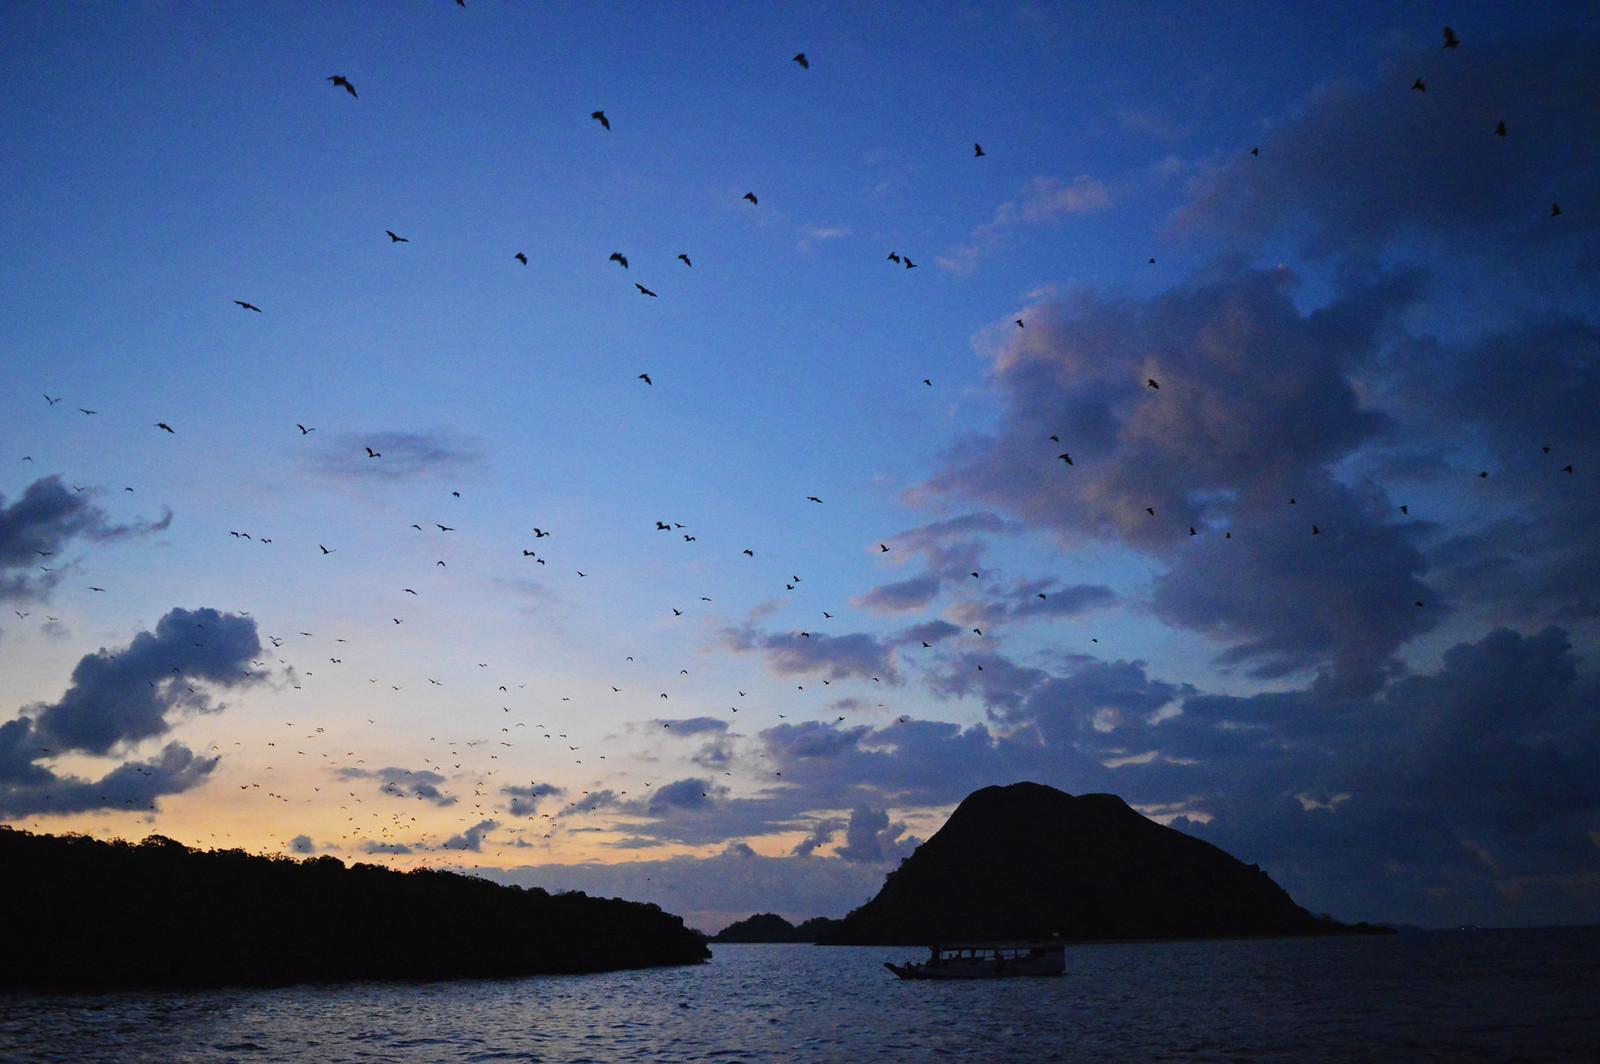 Bat Island (Pulau Kalong), Komodo National Park.